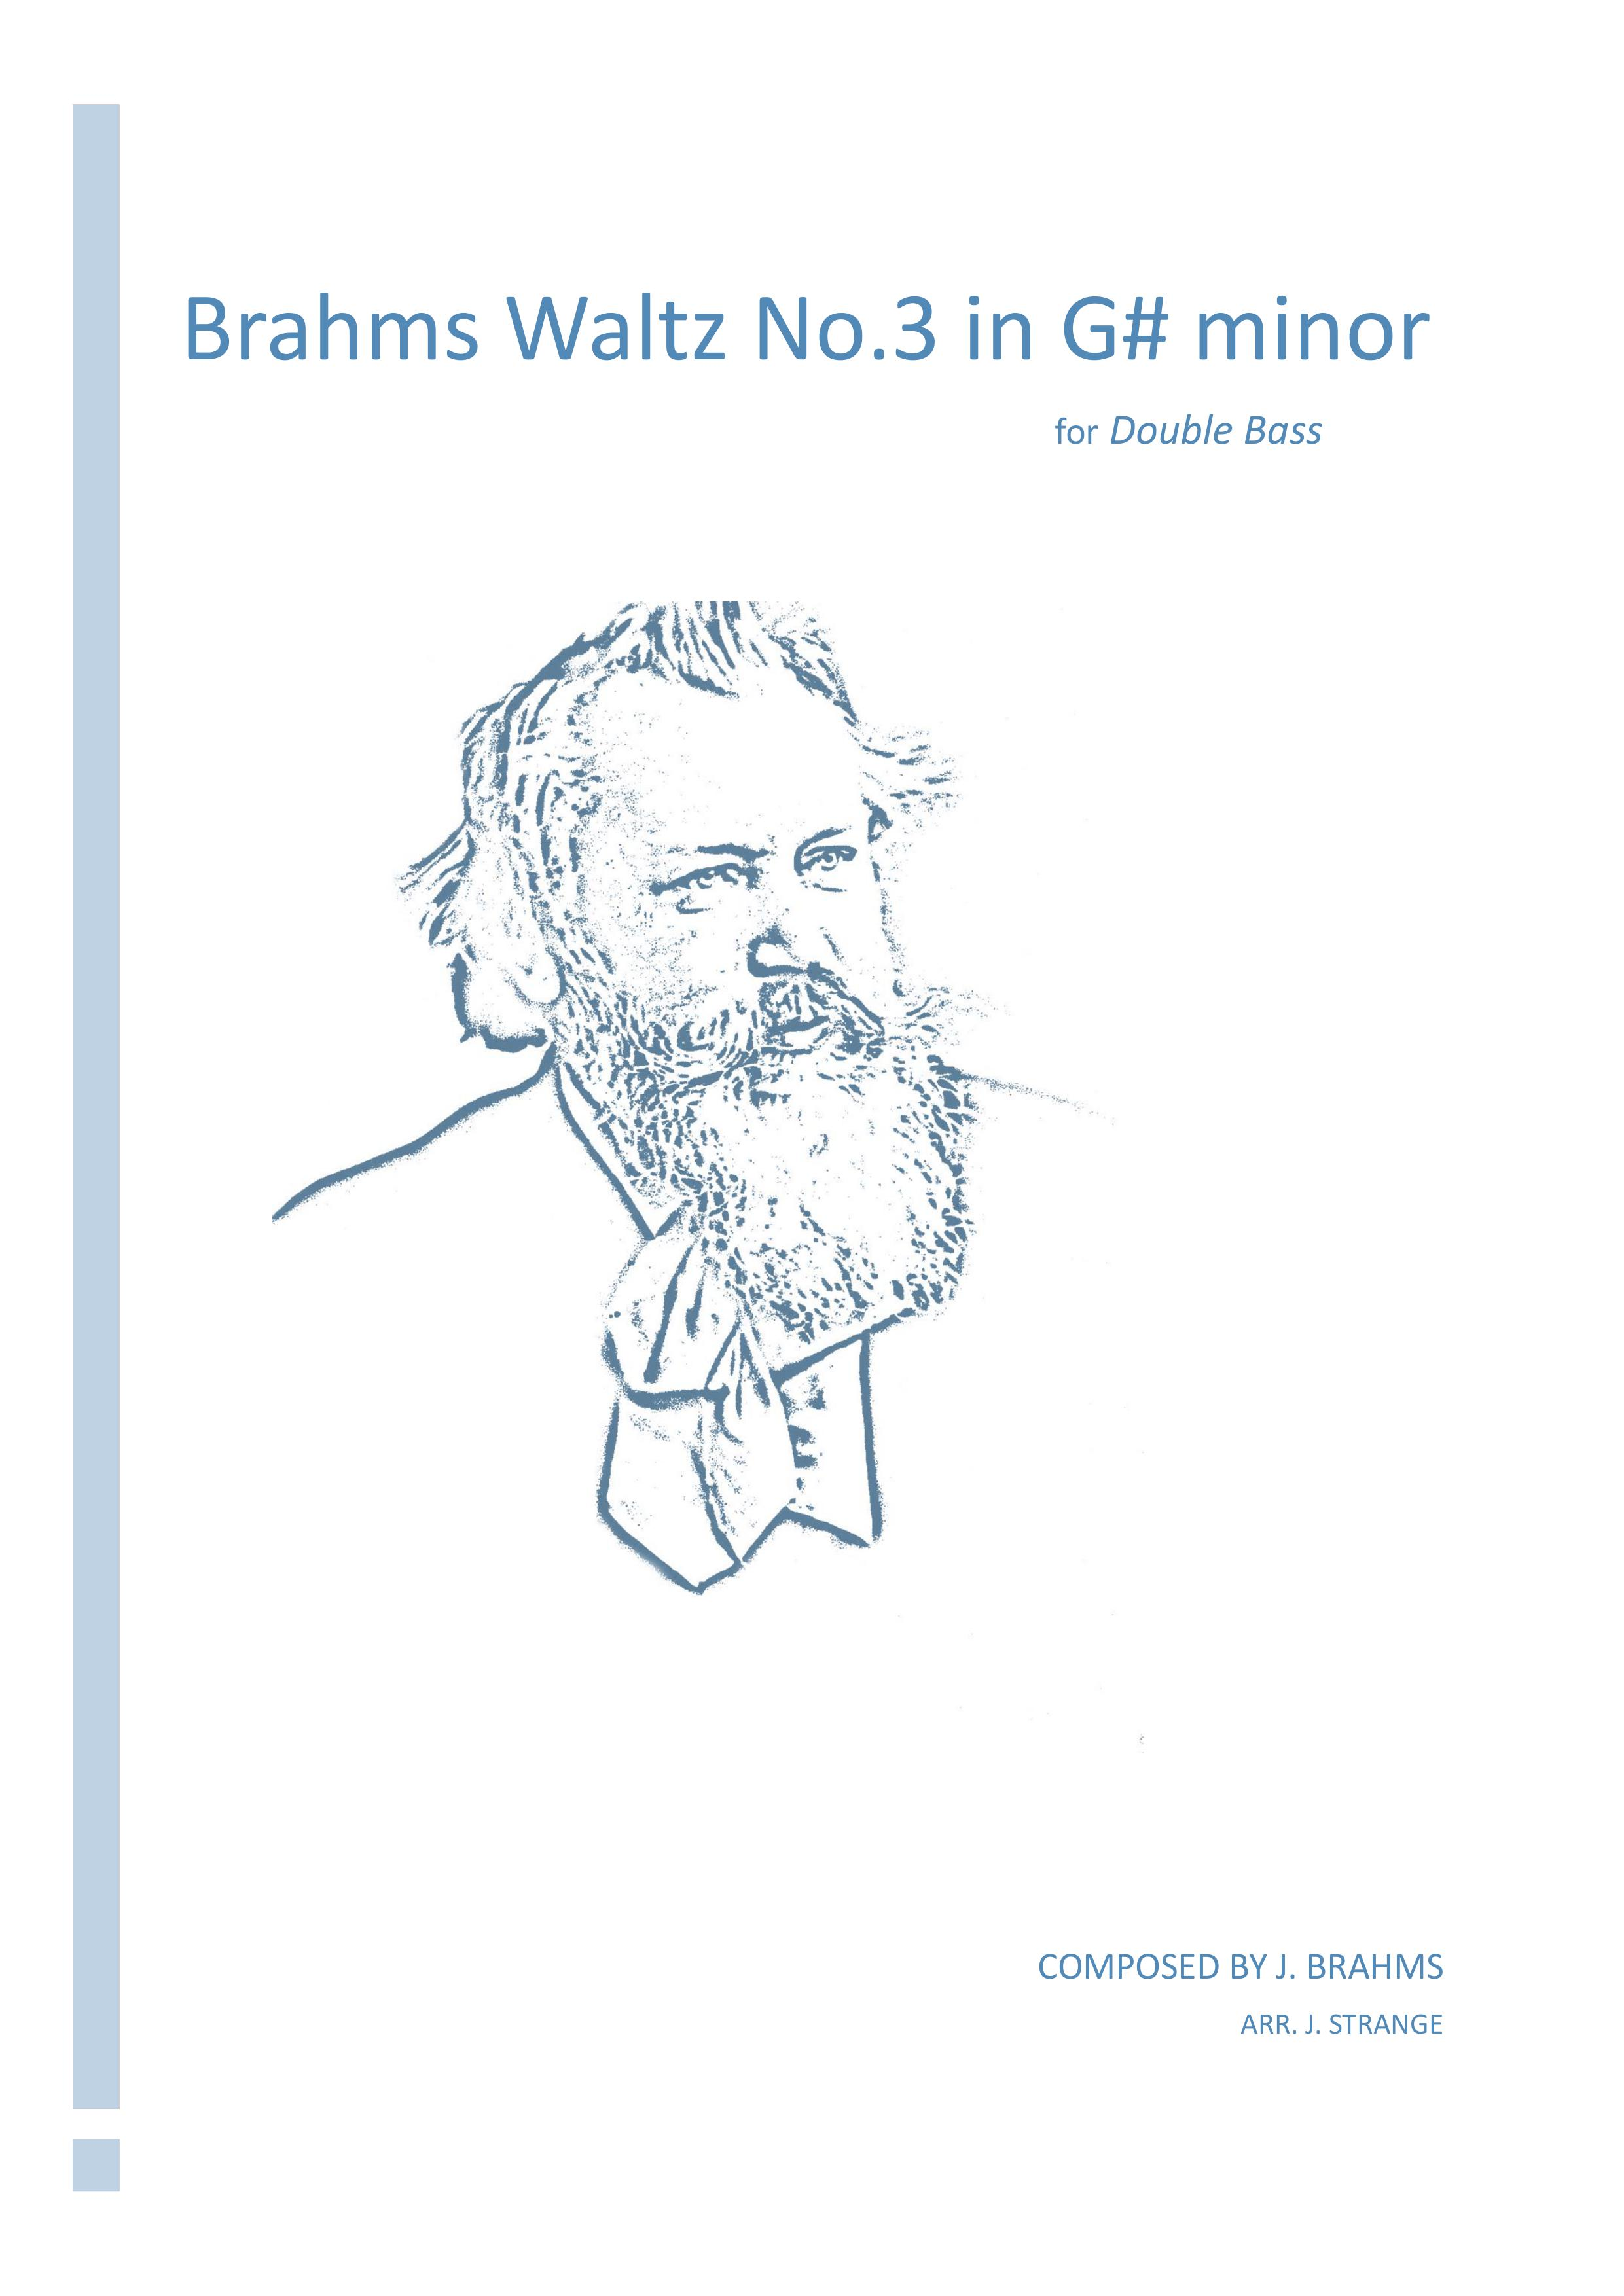 Brahms Waltz No. 3